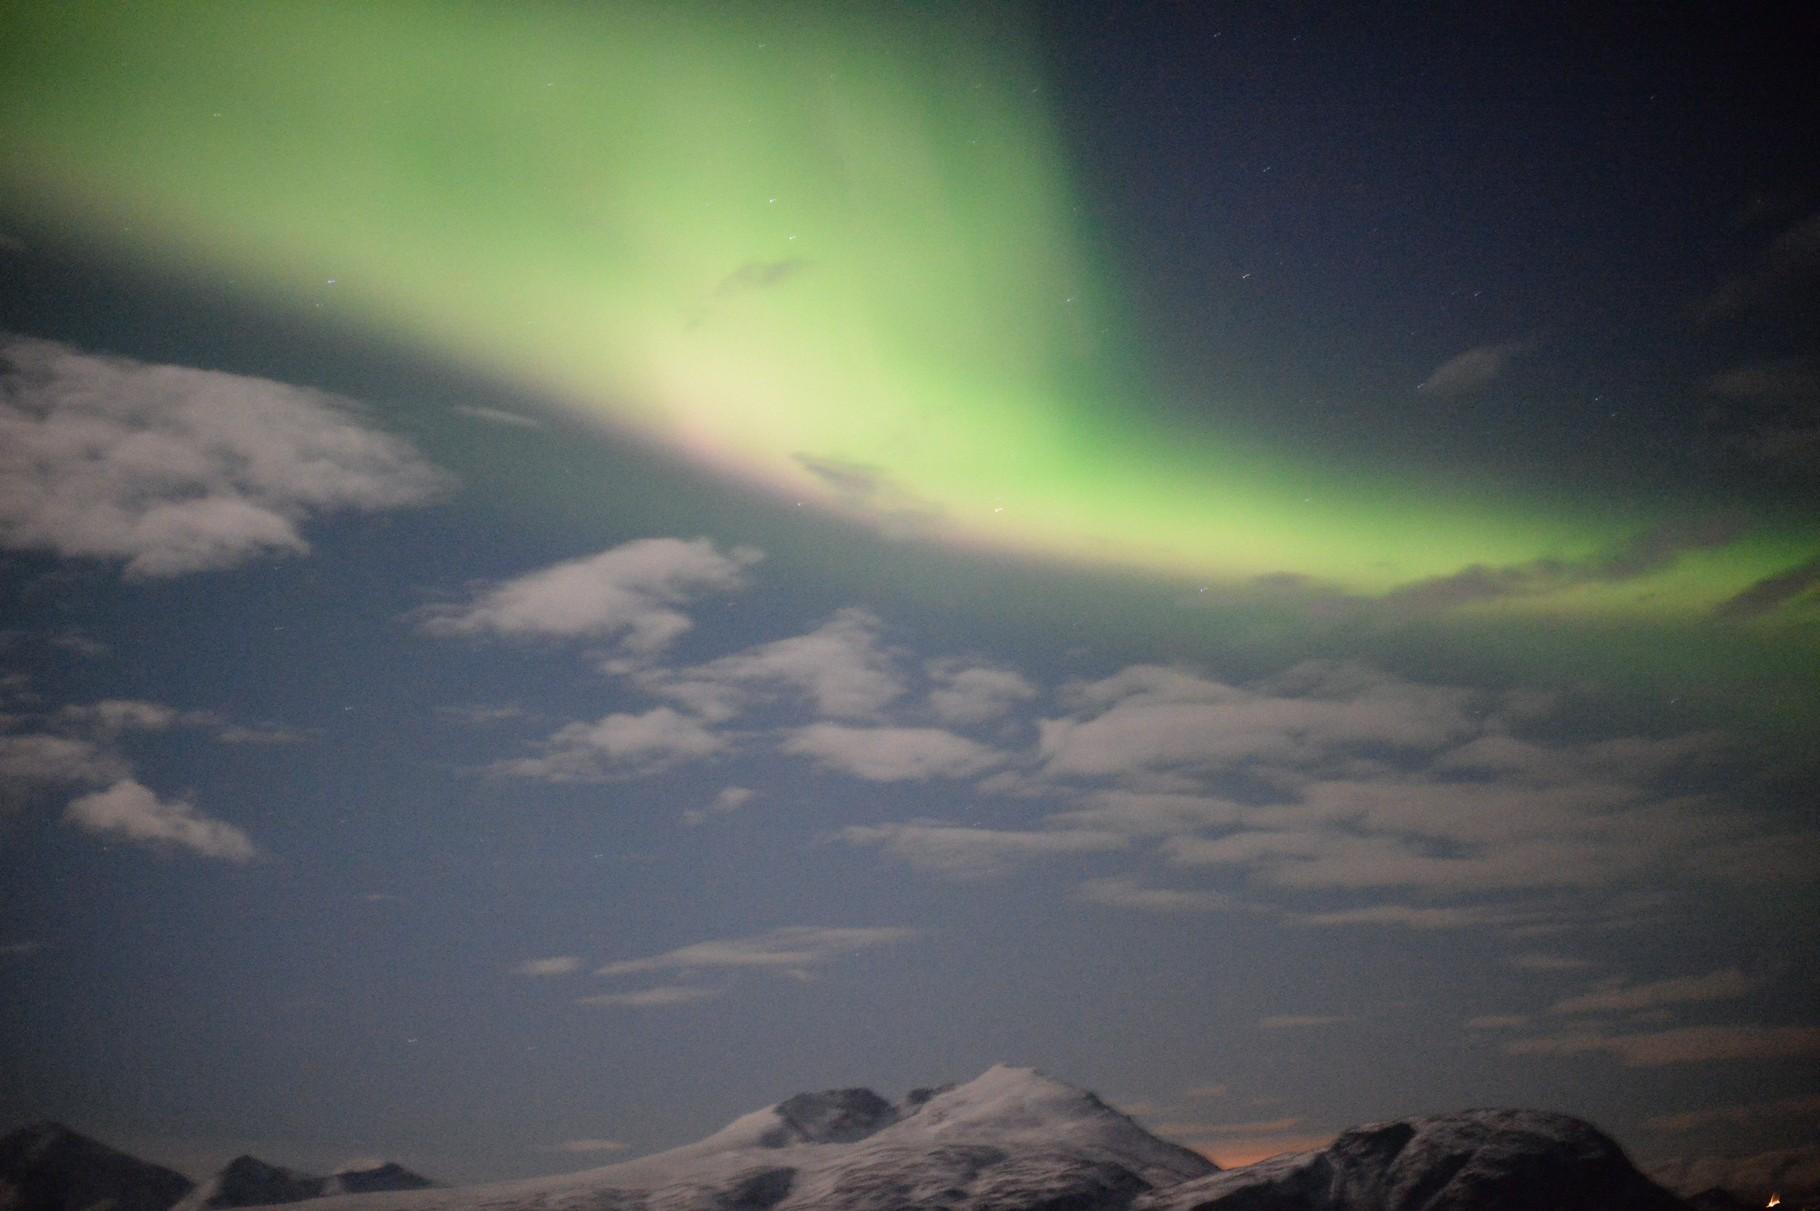 Bild 10-198 - Polarlichter erscheinen in einer Höhe von 70 bis 1000 Kilometer als rotes, bläuliches oder grünliches Glühen